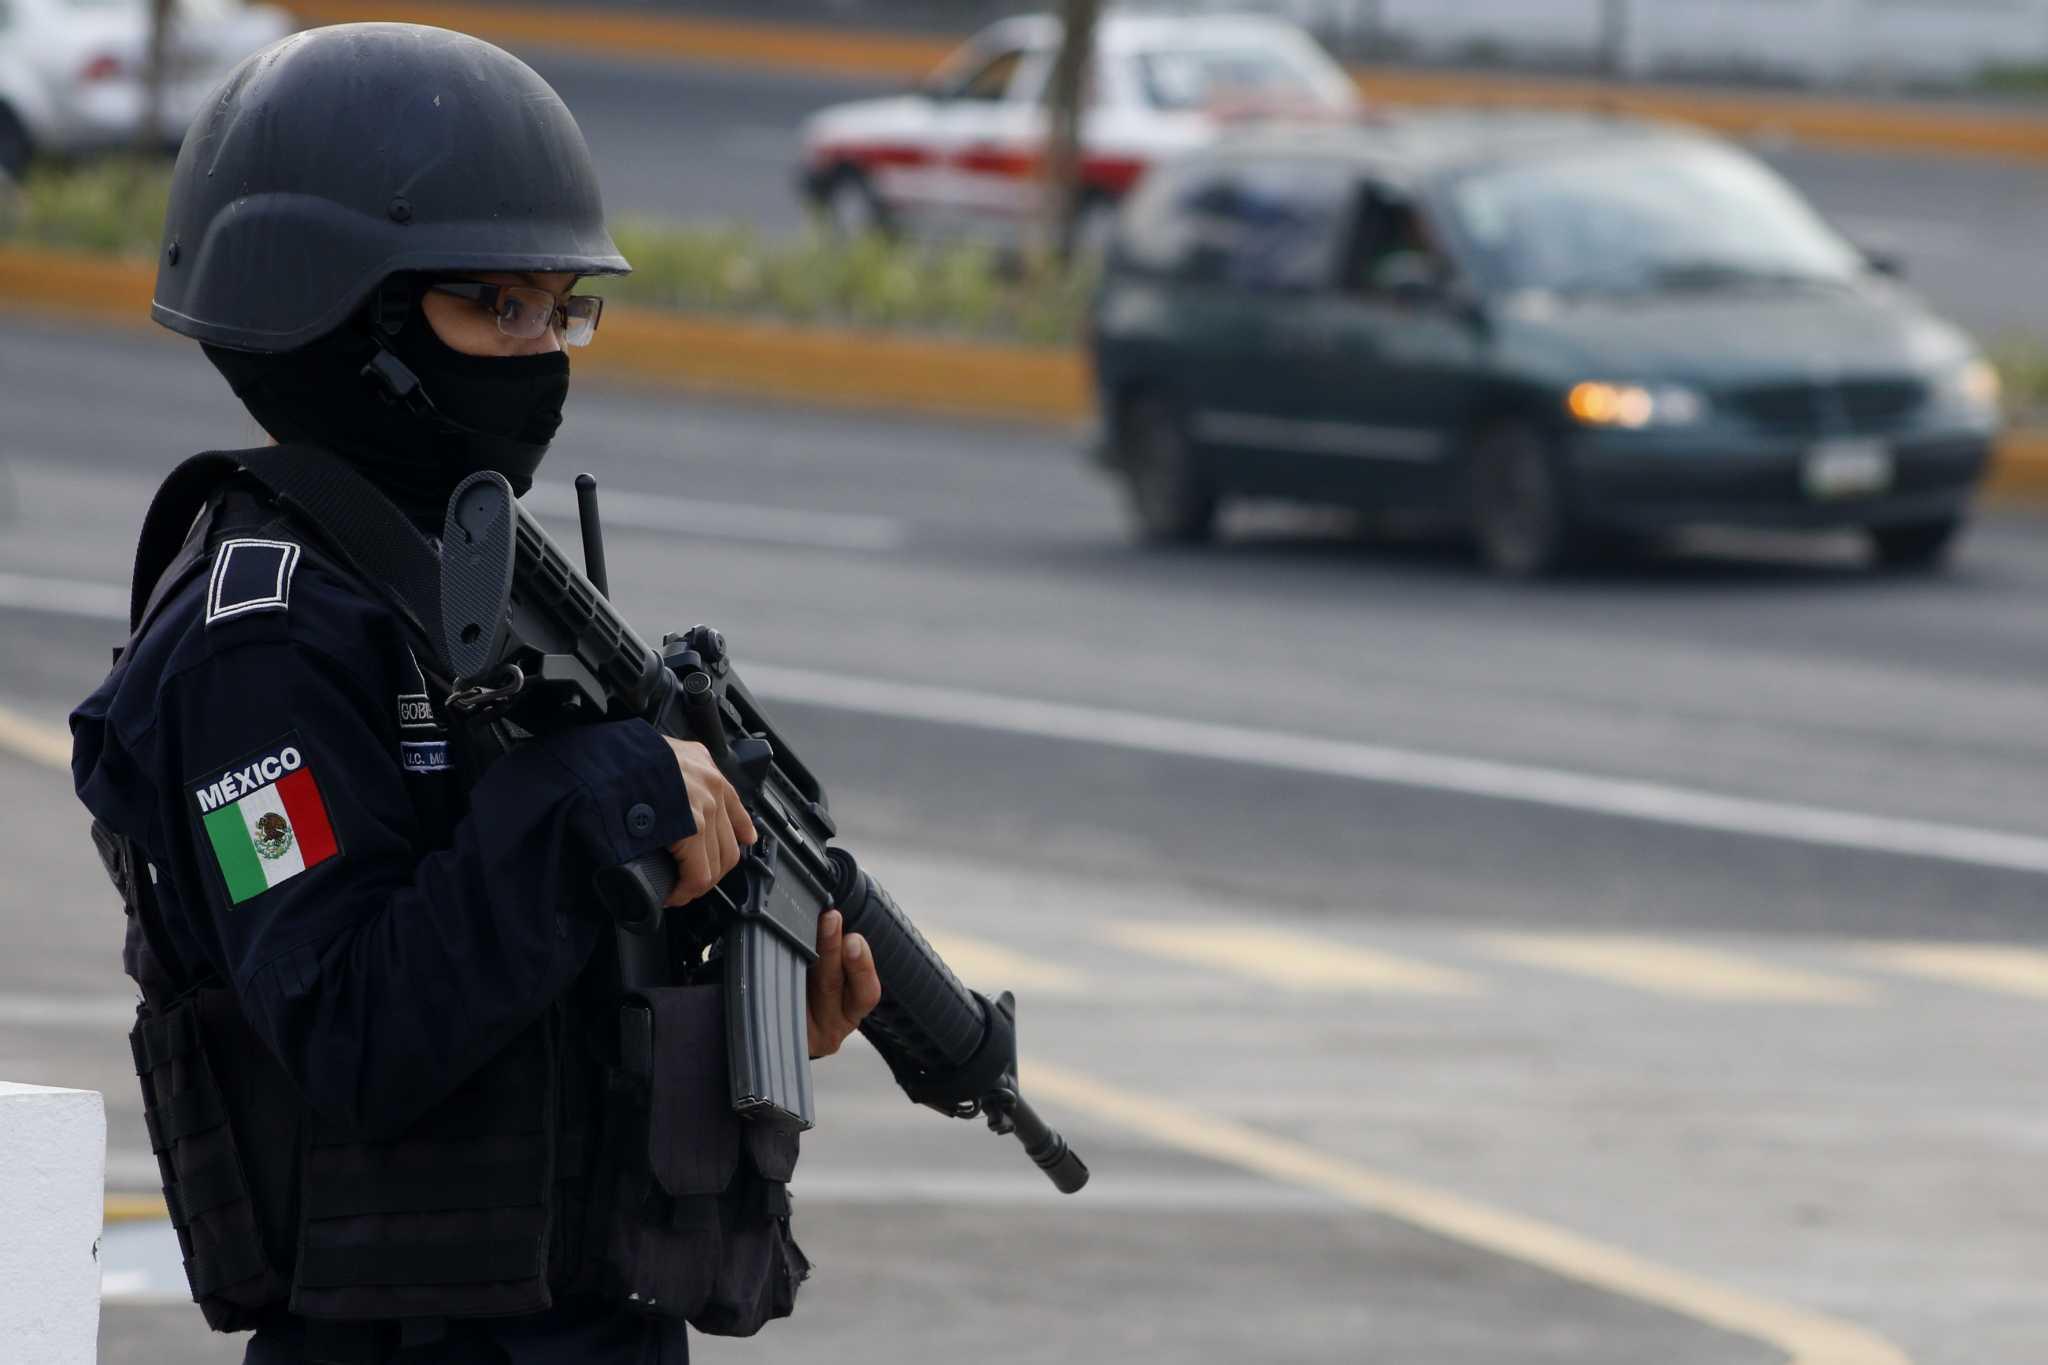 Mujer policia de mexico baila desnuda frente a la camara - 2 4